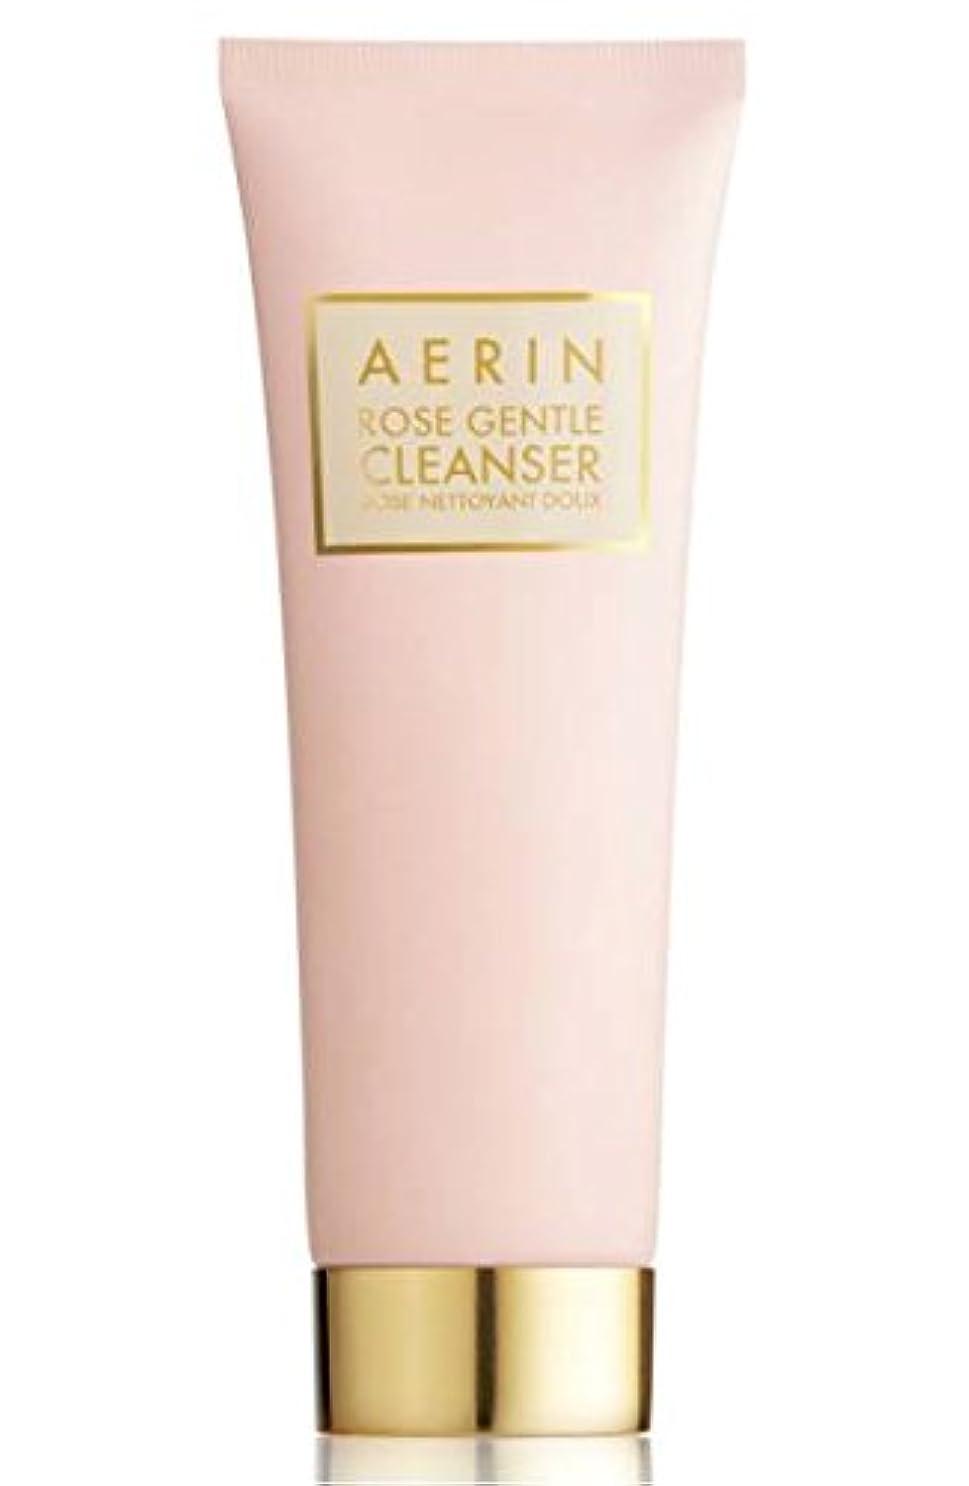 他に補助金迷路AERIN Rose Gentle Cleanser(アエリン ローズ ジェントル クレンザー) 4.2 oz (126ml) by Estee Lauder